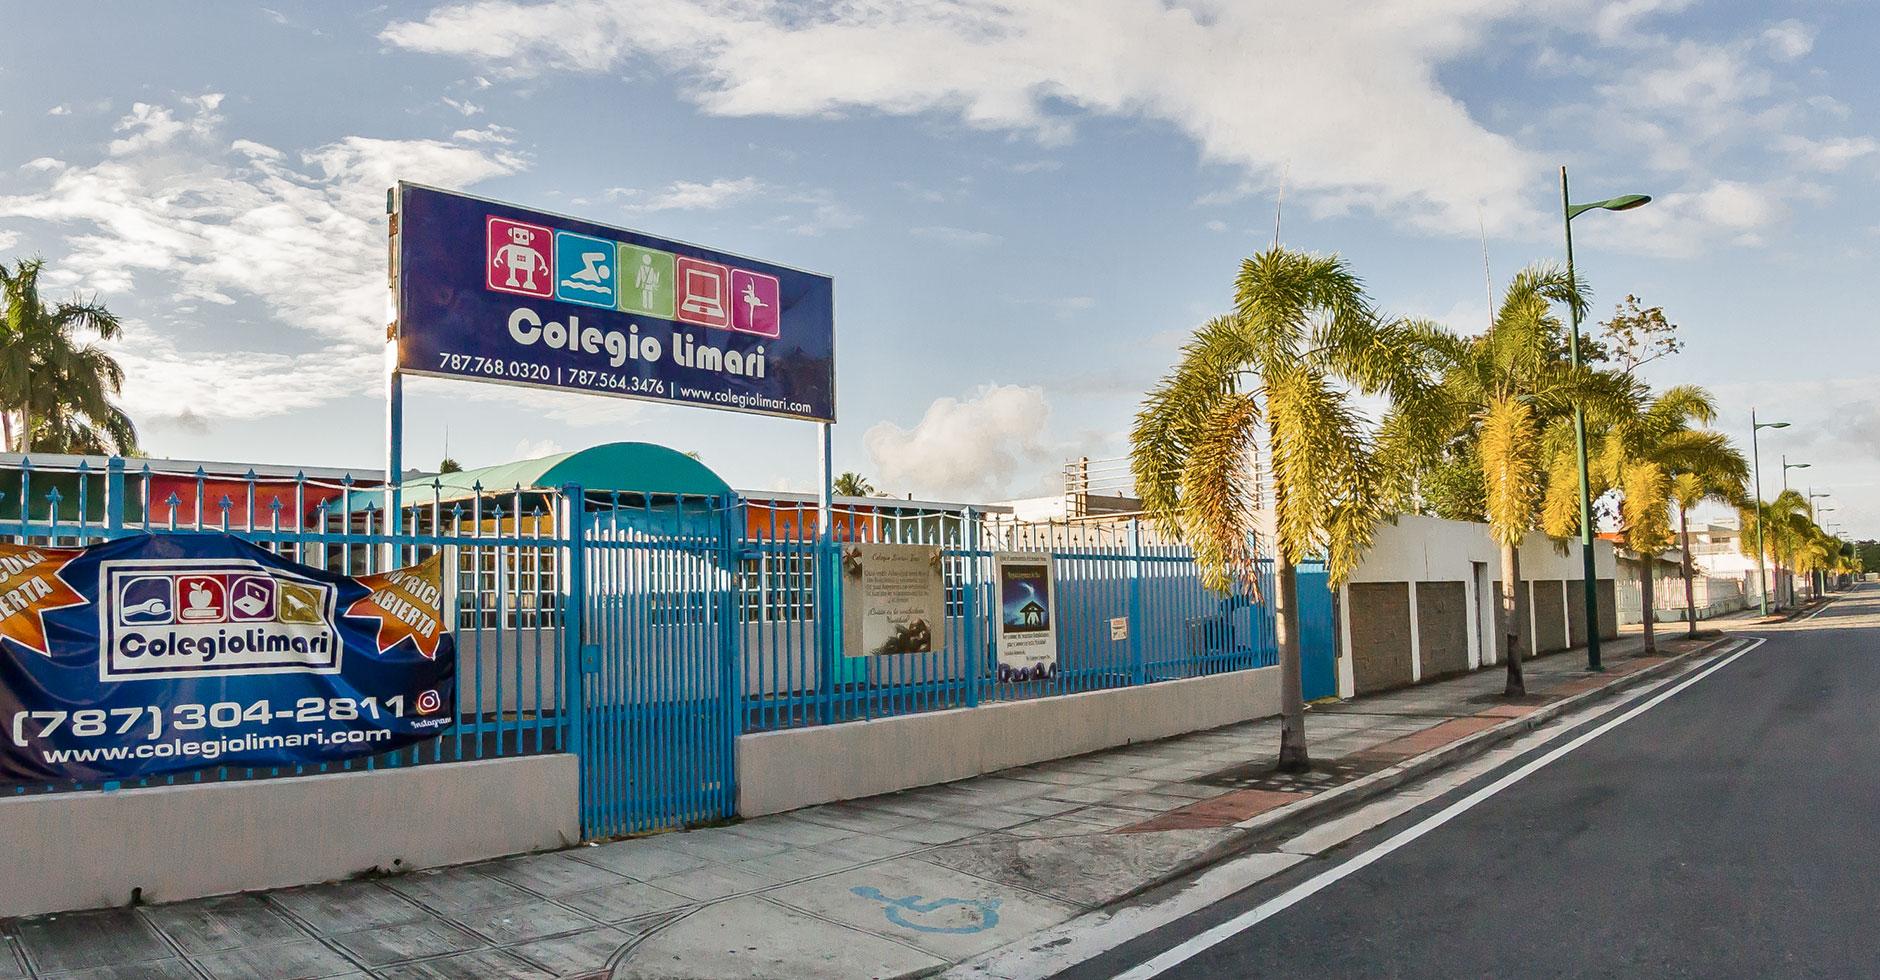 Colegio Limari